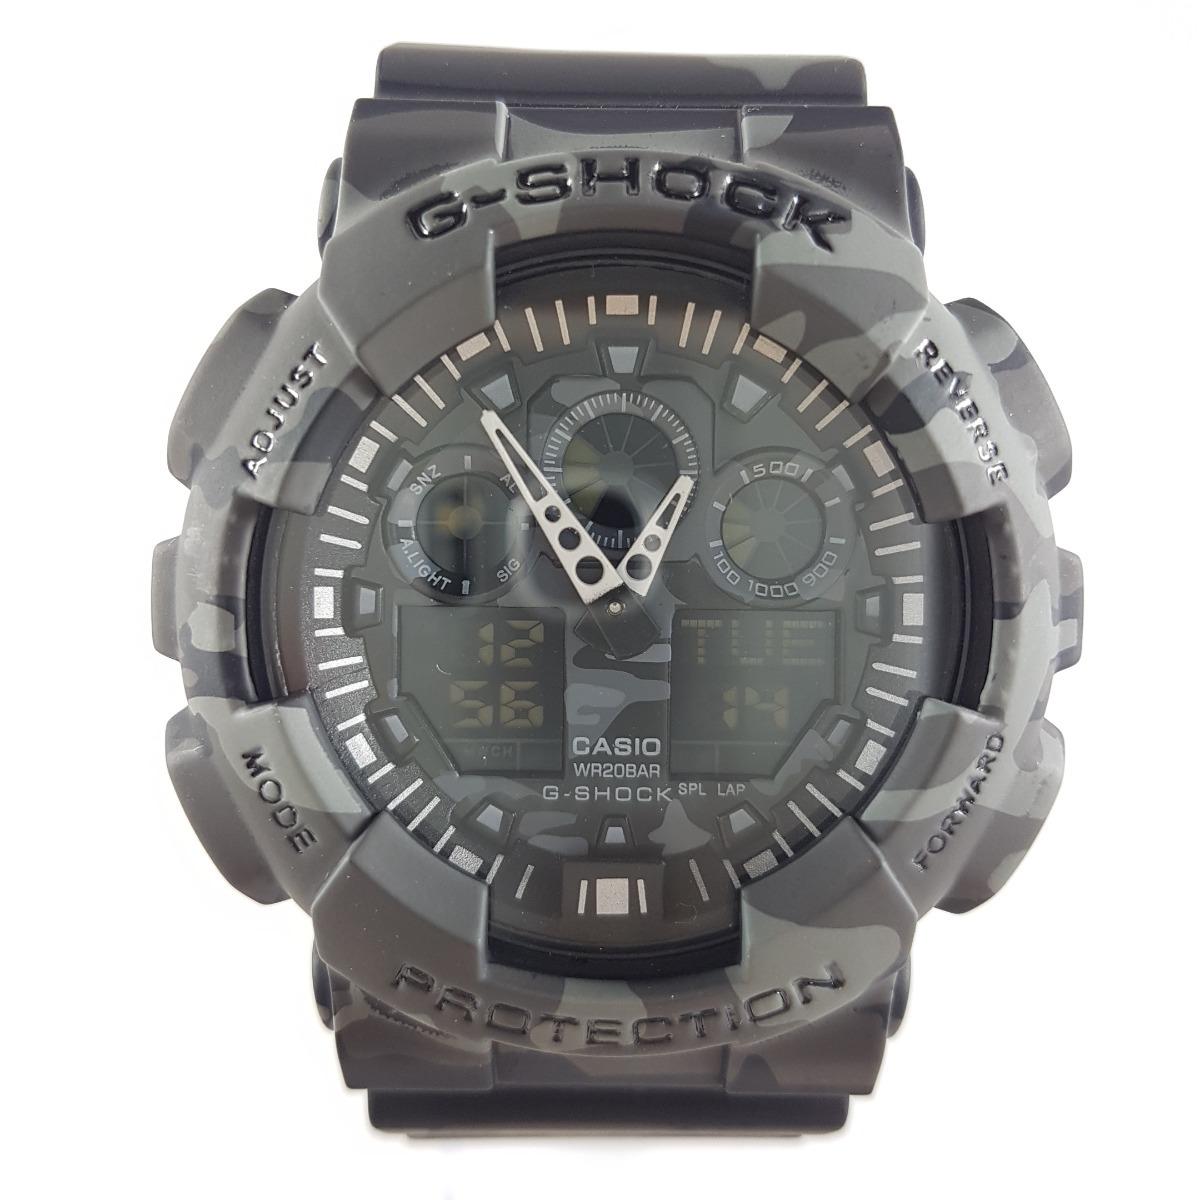 2d019c56fbc relógio g-shock à prova d água importado cinza camuflado. Carregando zoom.